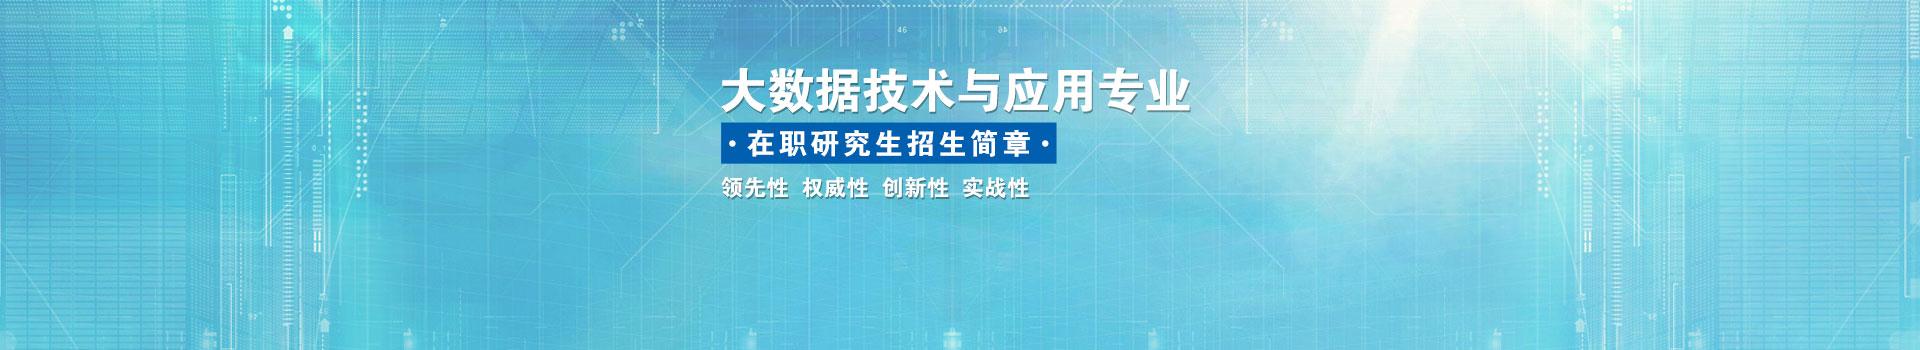 北京航空航天大学软件学院(大数据技术与应用方向)在职研究生招生简章